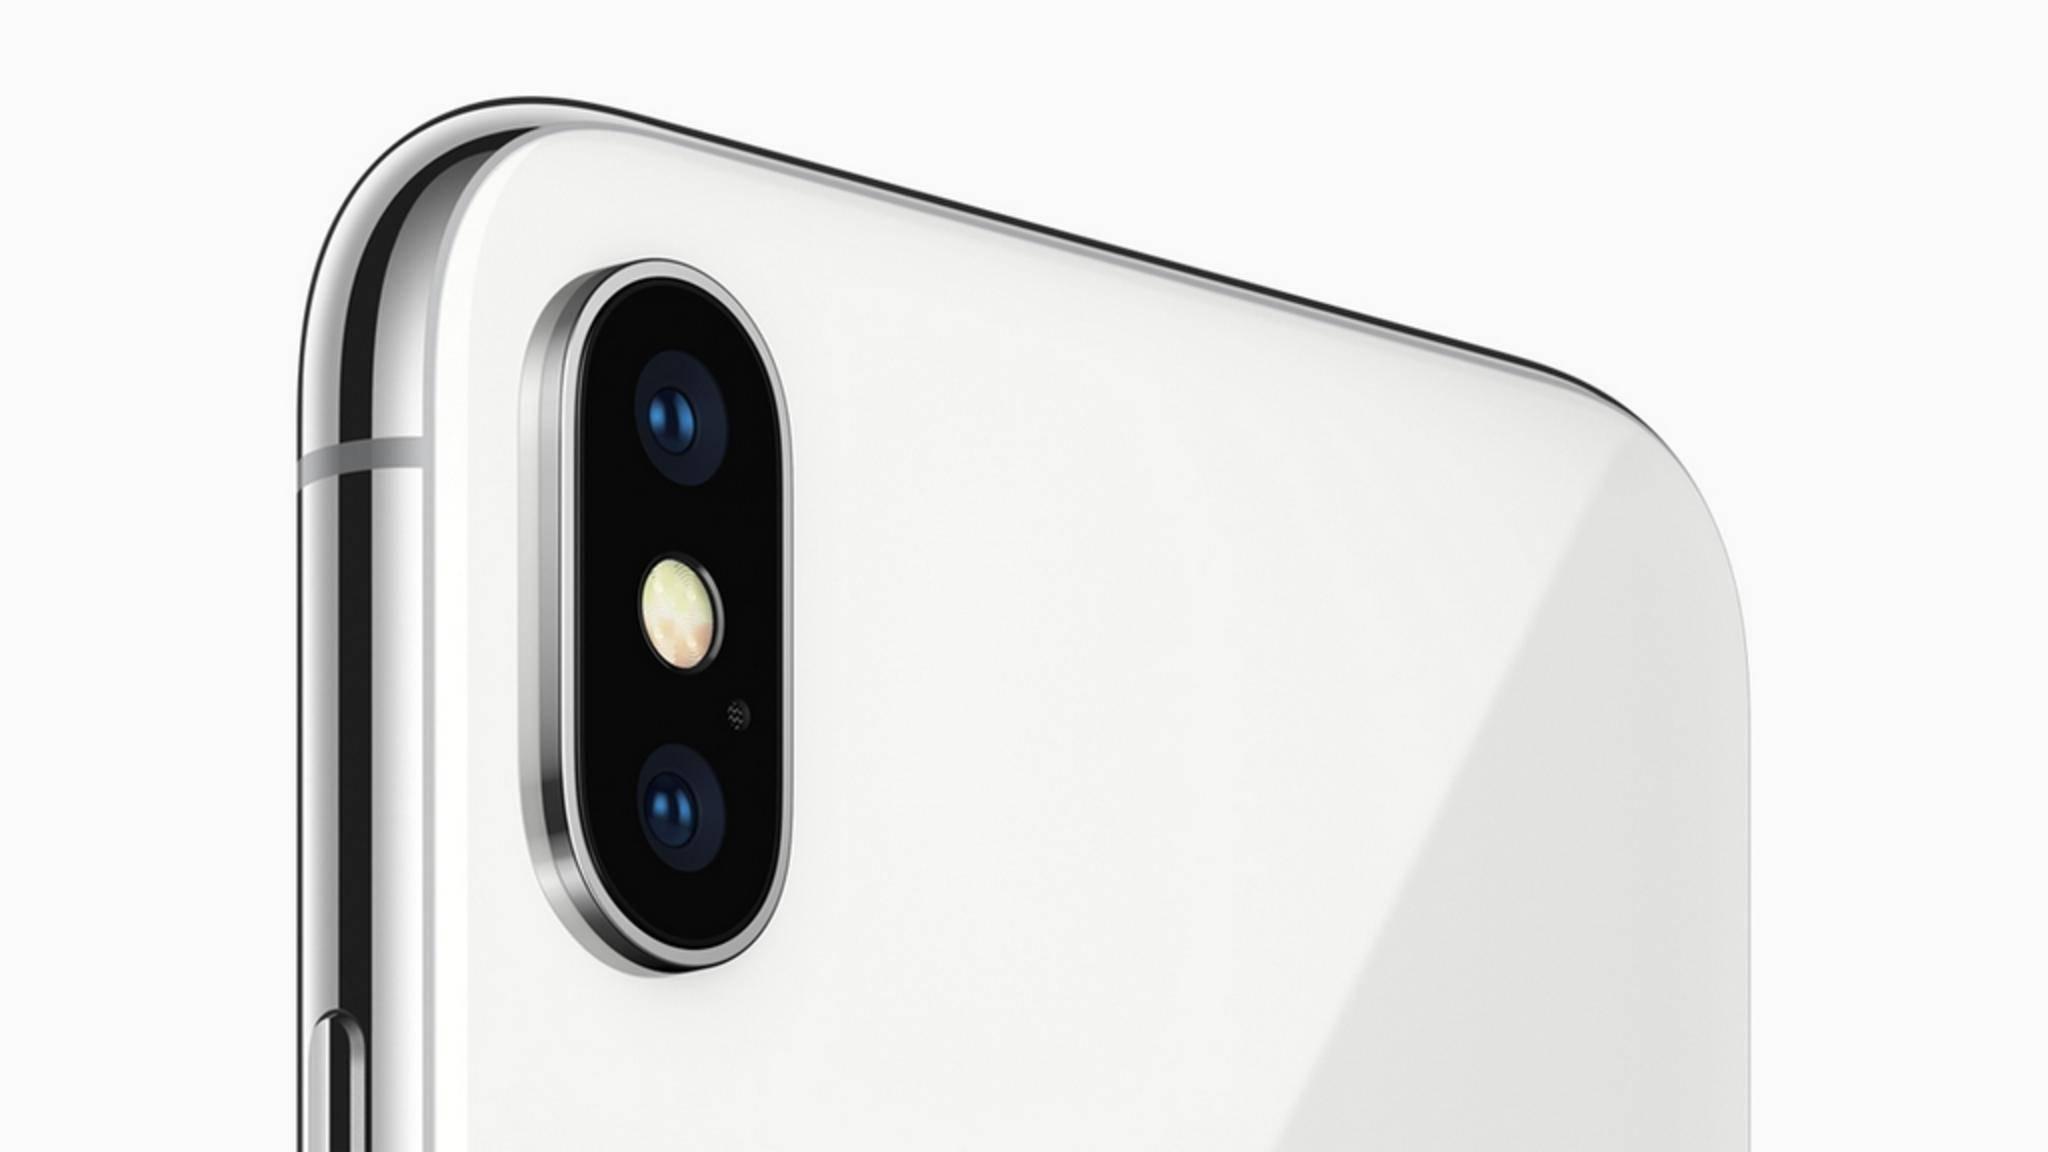 Die Dual-Kamera des iPhone X ist etwas besser als die des iPhone 8 Plus.